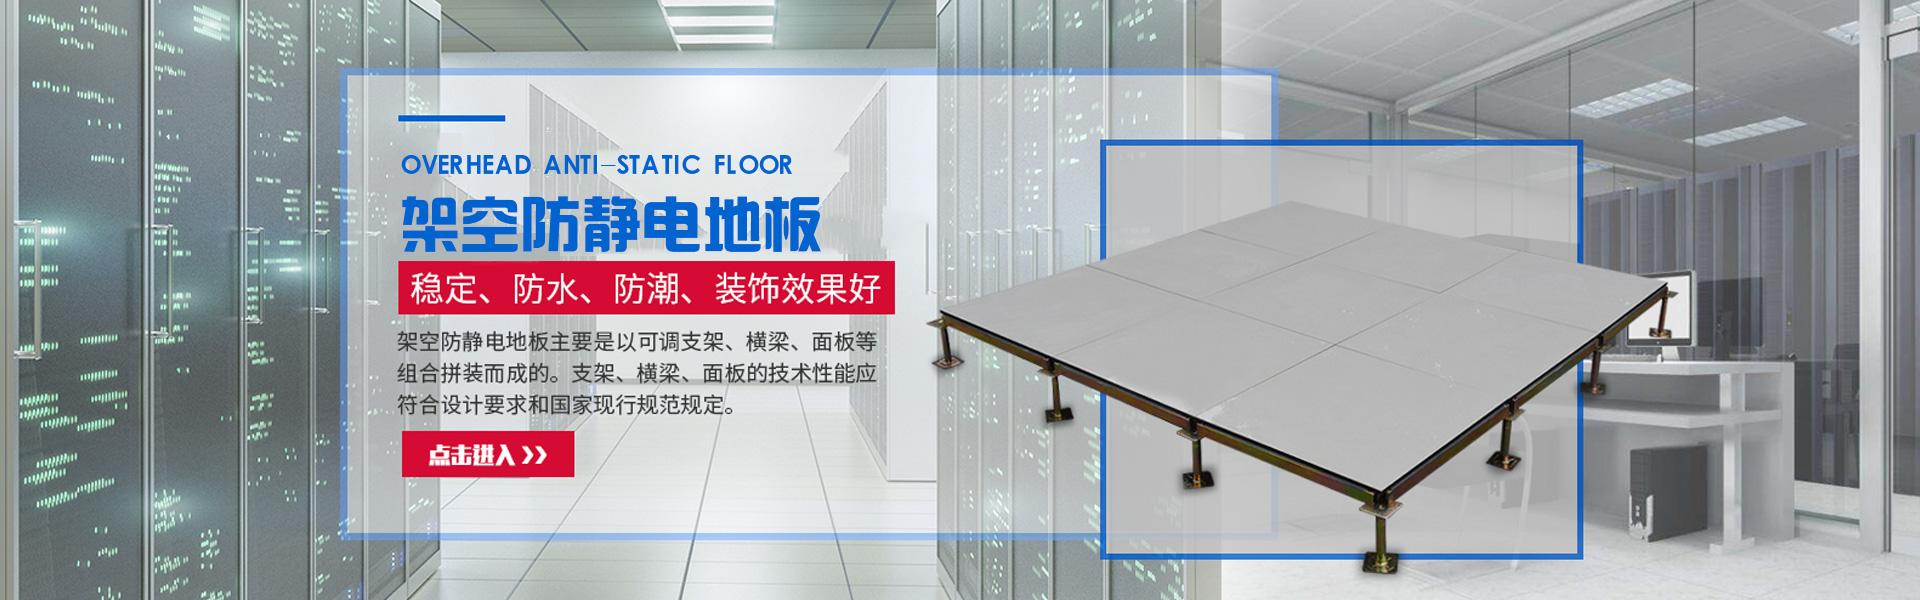 架空防静电地板品牌